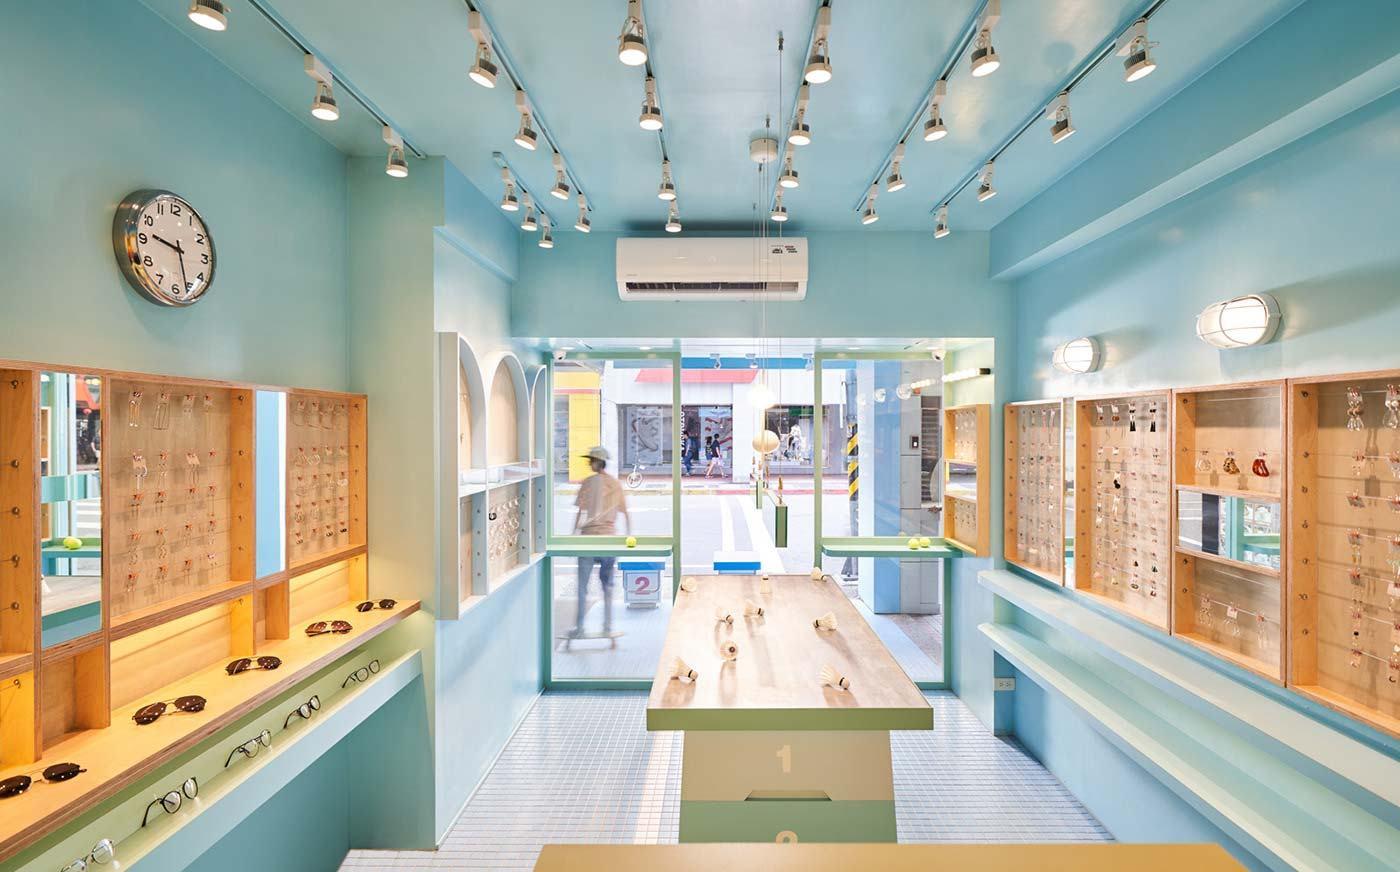 vacanza-accessory-store-taipei-10